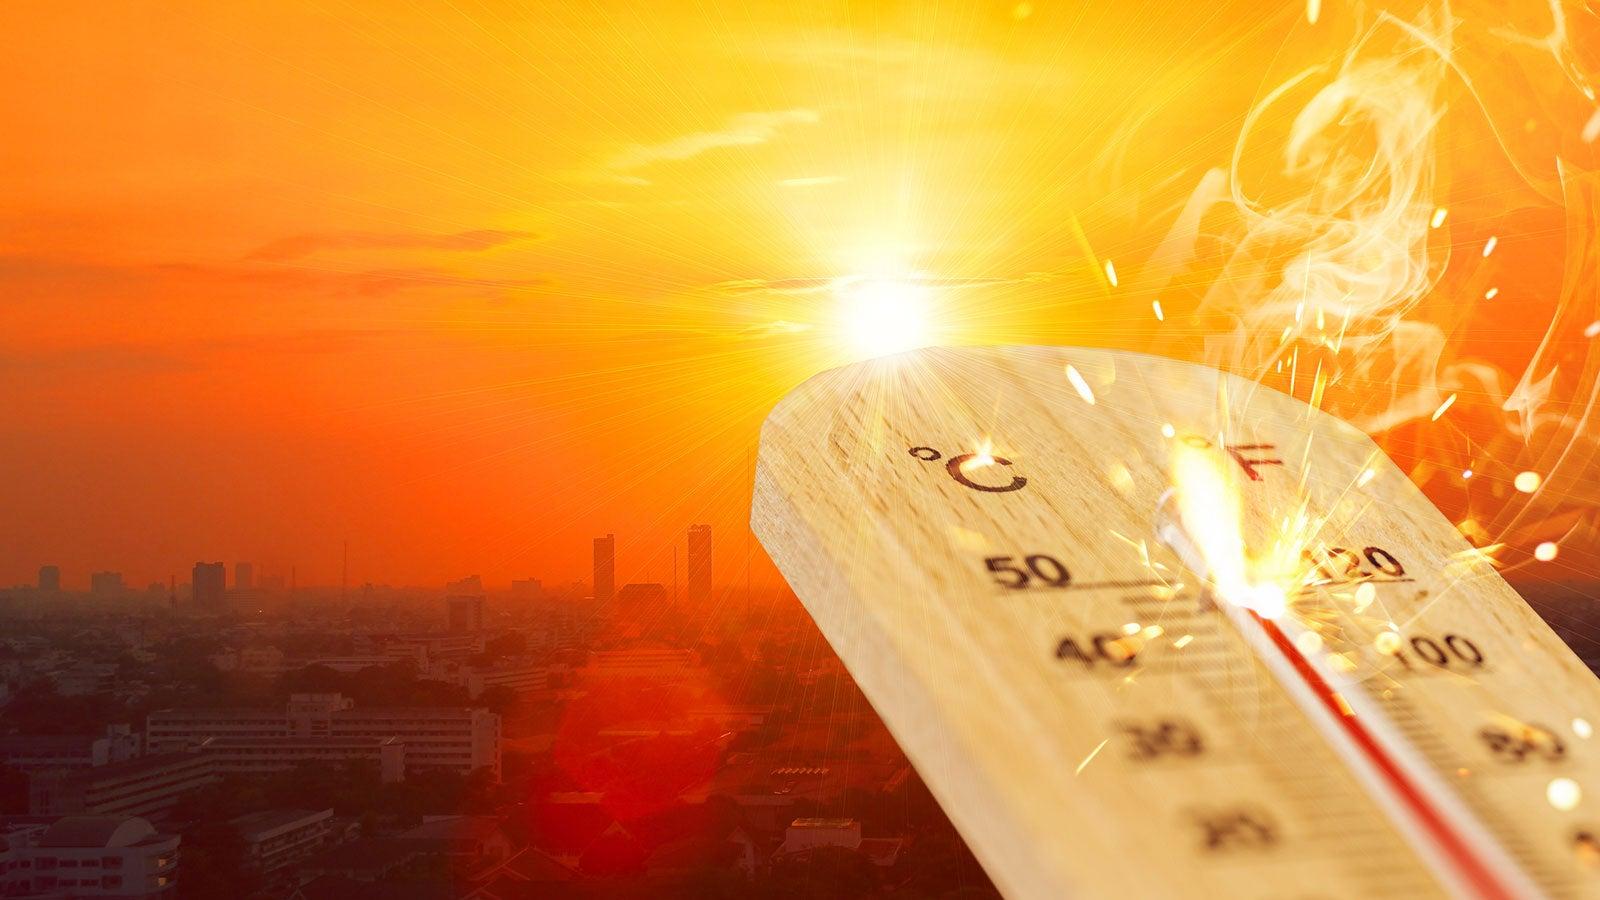 Hitzewelle 2003: Ursache für atmosphärische Blockade gefunden